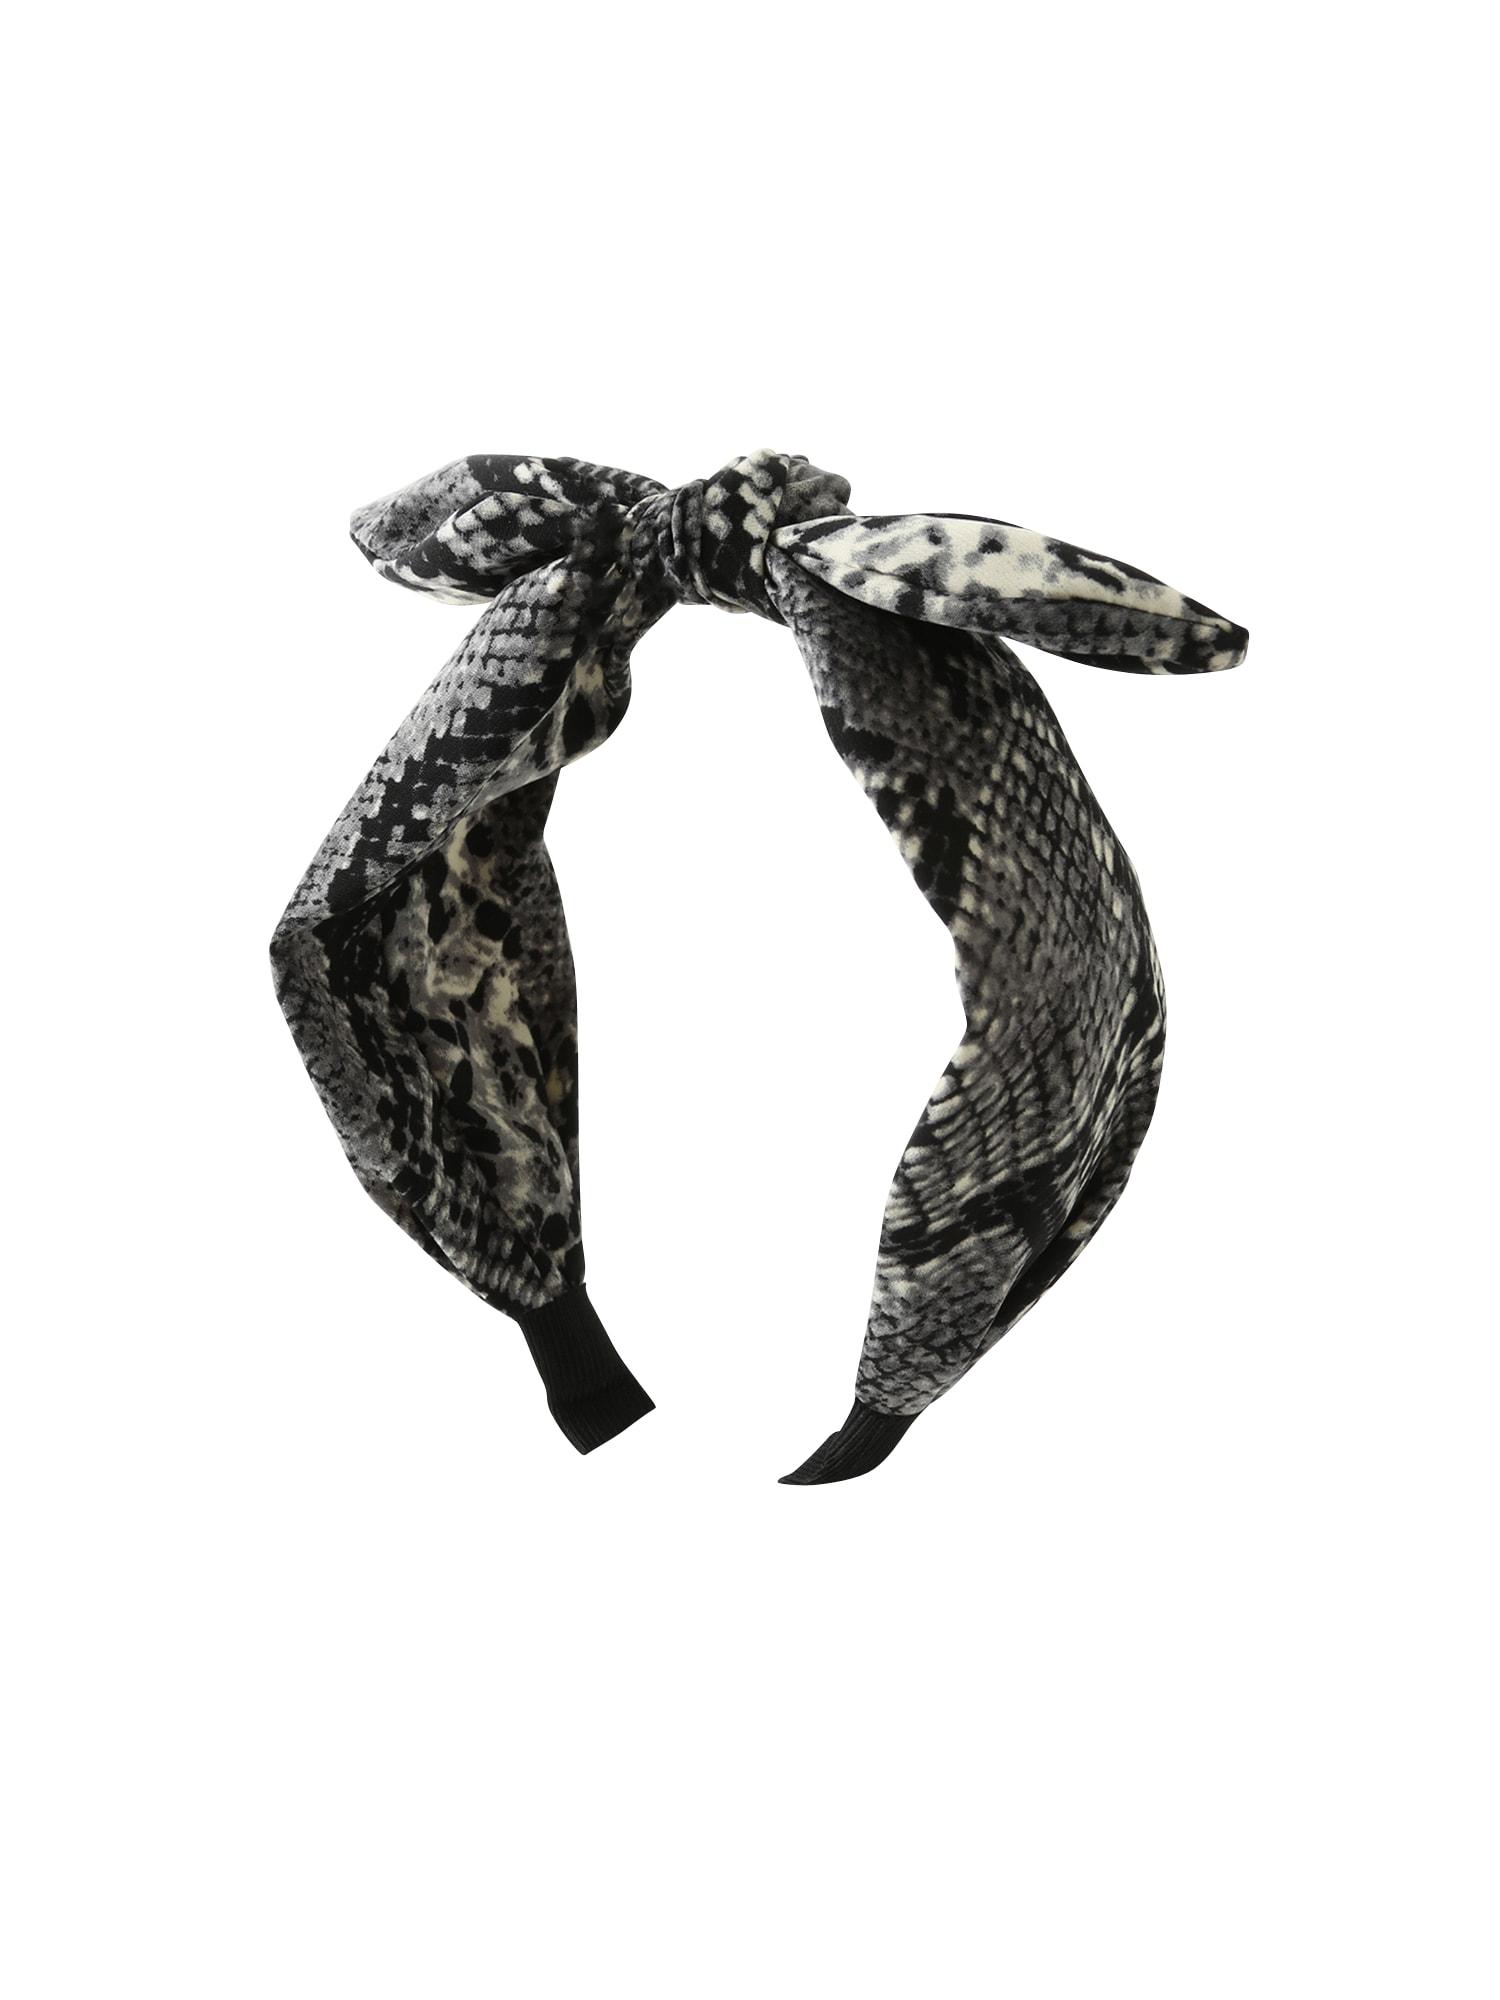 Šperky do vlasů Snake  tmavě šedá  černá Orelia